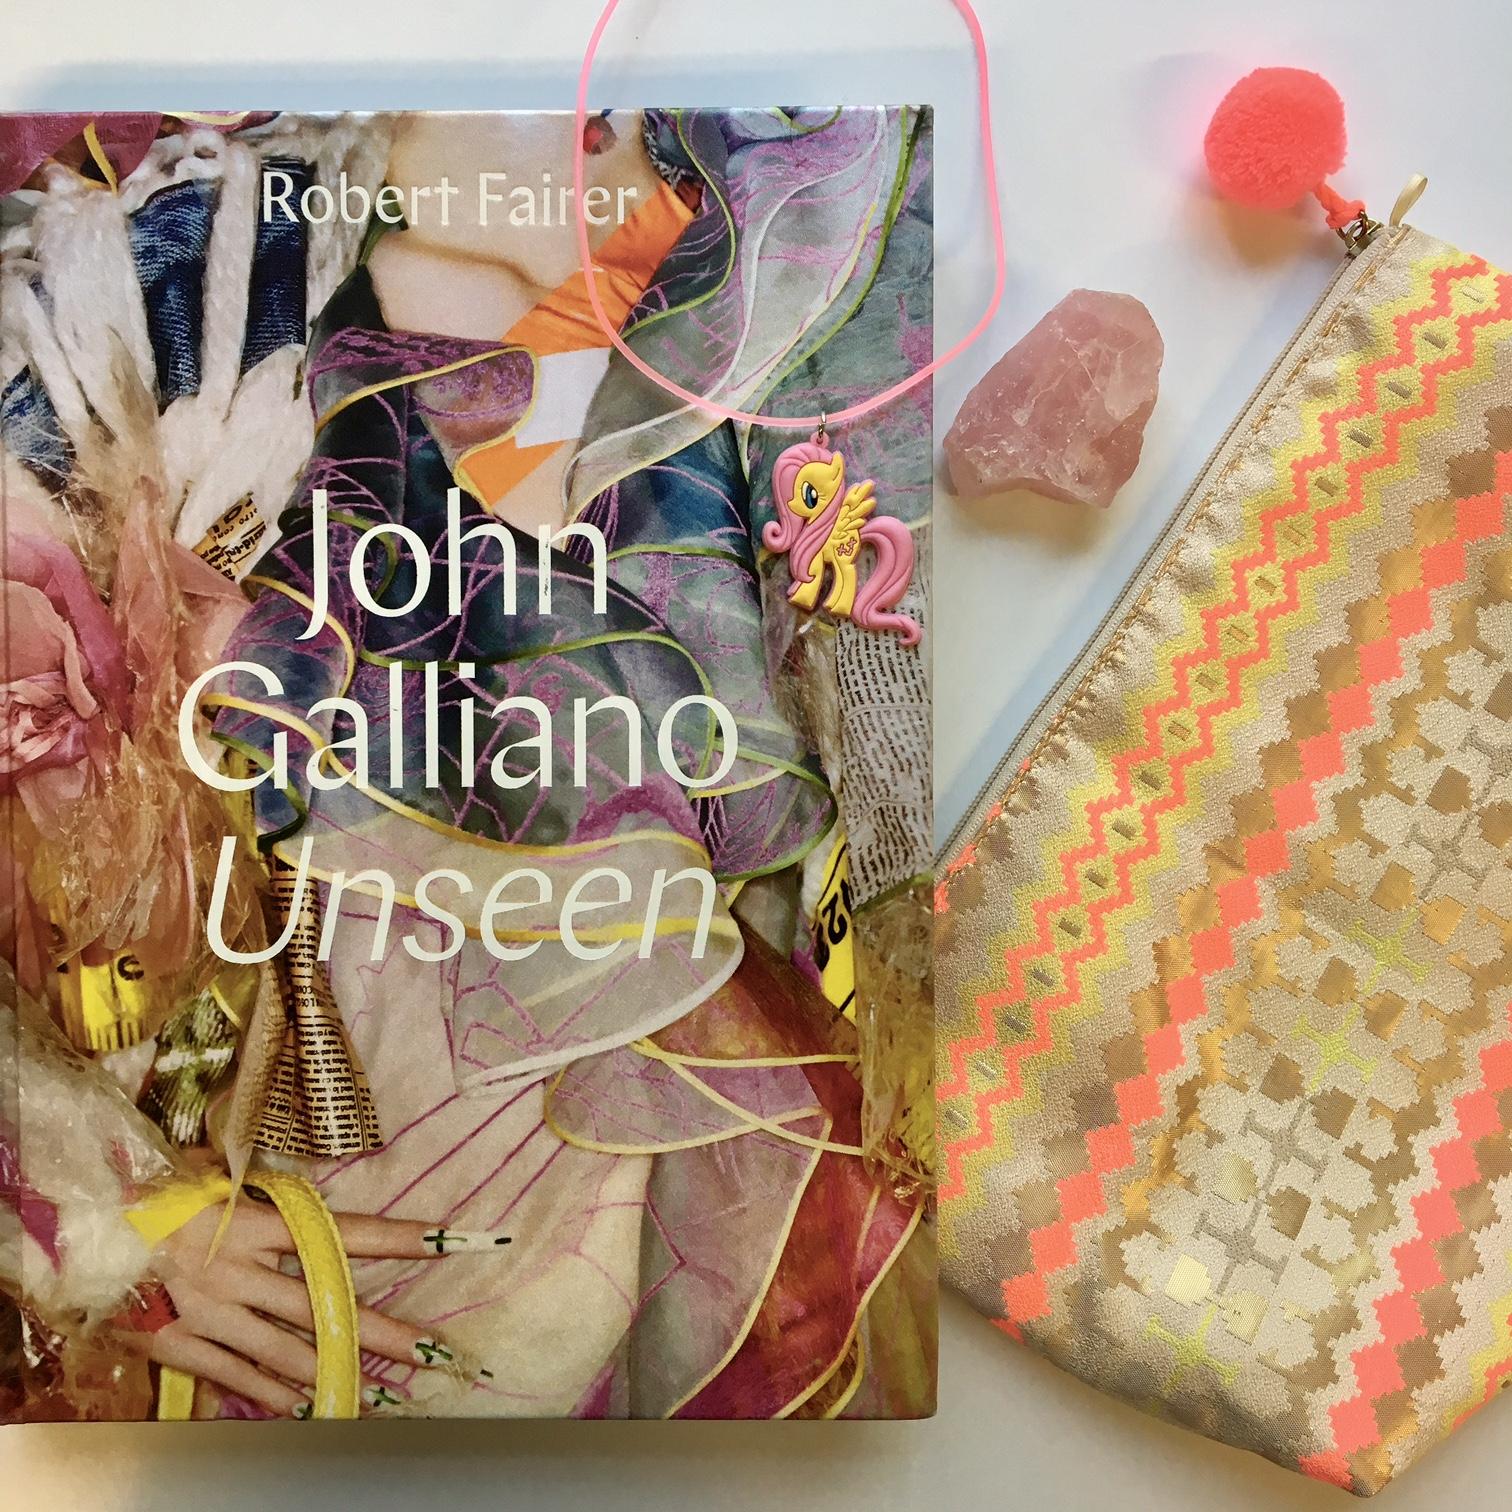 Teen Blog New Books